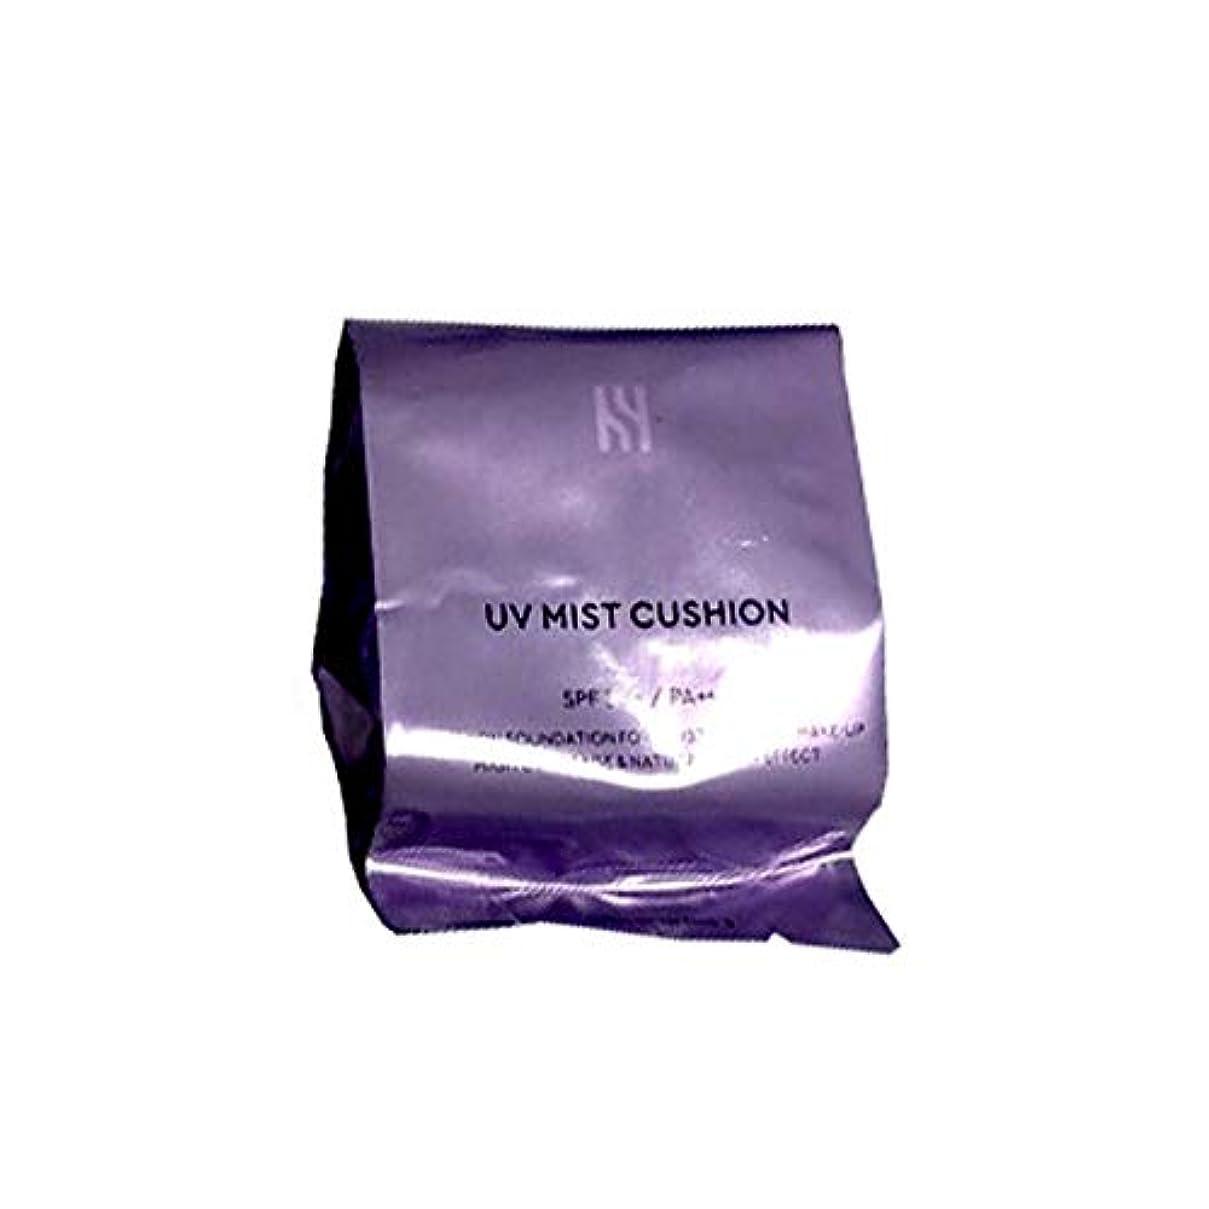 ギネス職人計り知れないHERA(ヘラ) UVミストクッション(カバー)SPF50+/PA+++ [リフィルのみ] C21号/バニラ